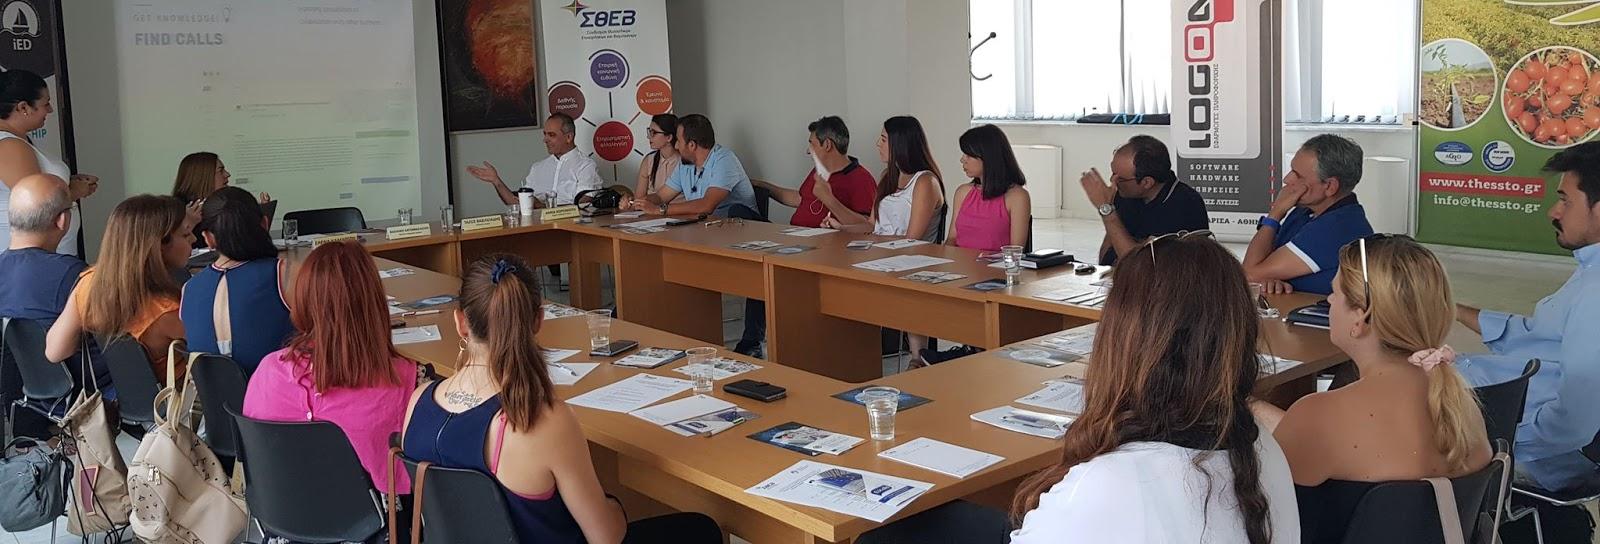 Με επιτυχία ολοκληρώθηκε το workshop: «Ευκαιρίες χρηματοδότησης μέσω ευρωπαϊκών προγραμμάτων»